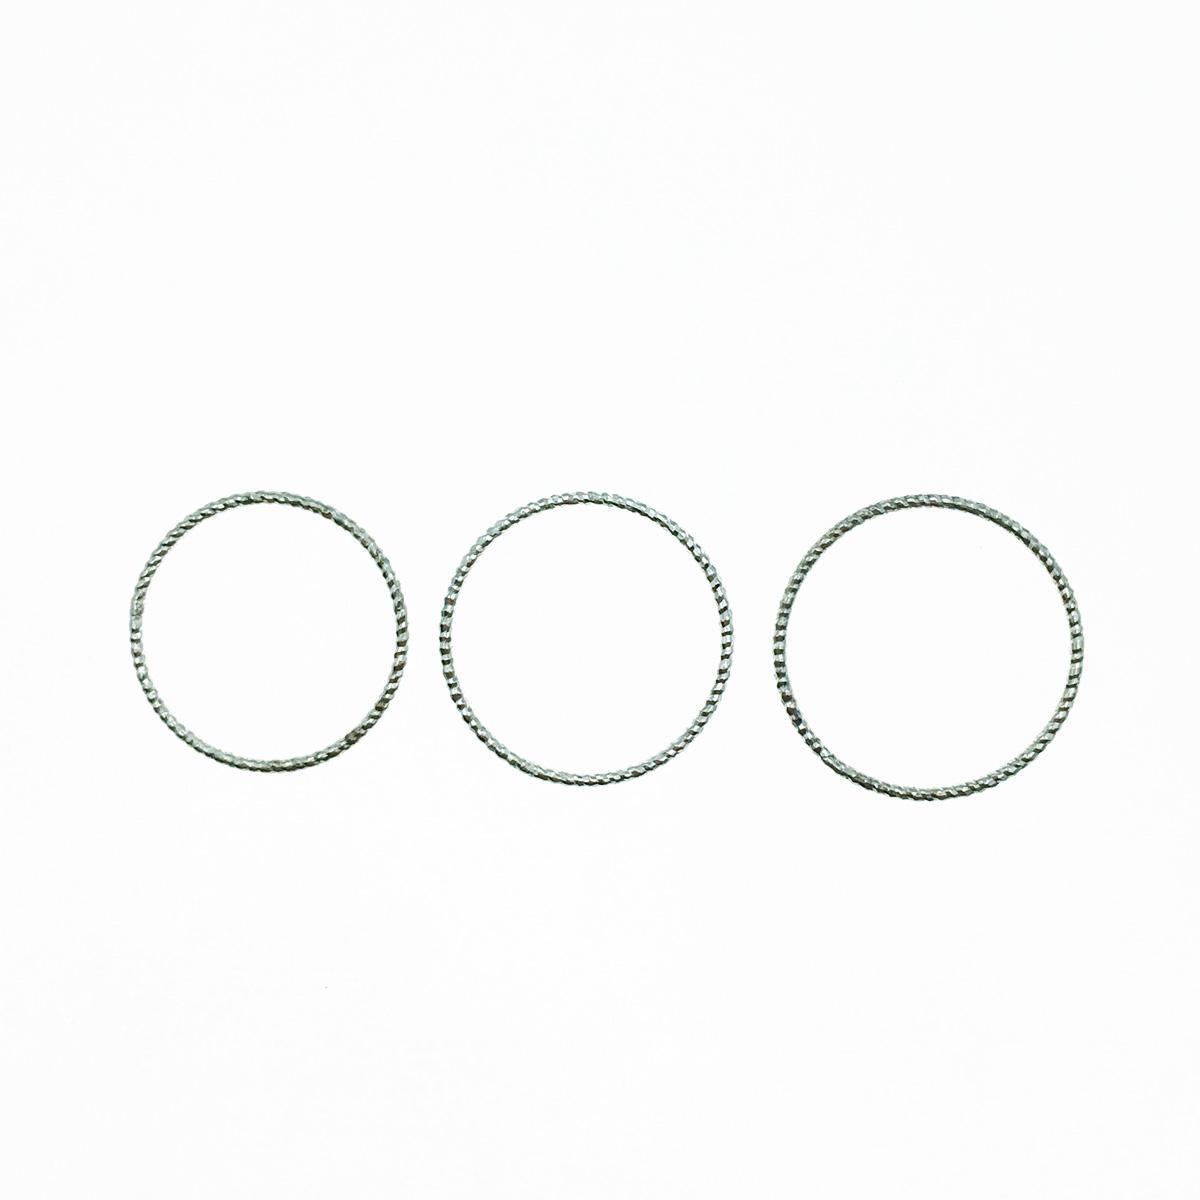 韓國 925純銀 刻紋 簡約百搭款 戒指